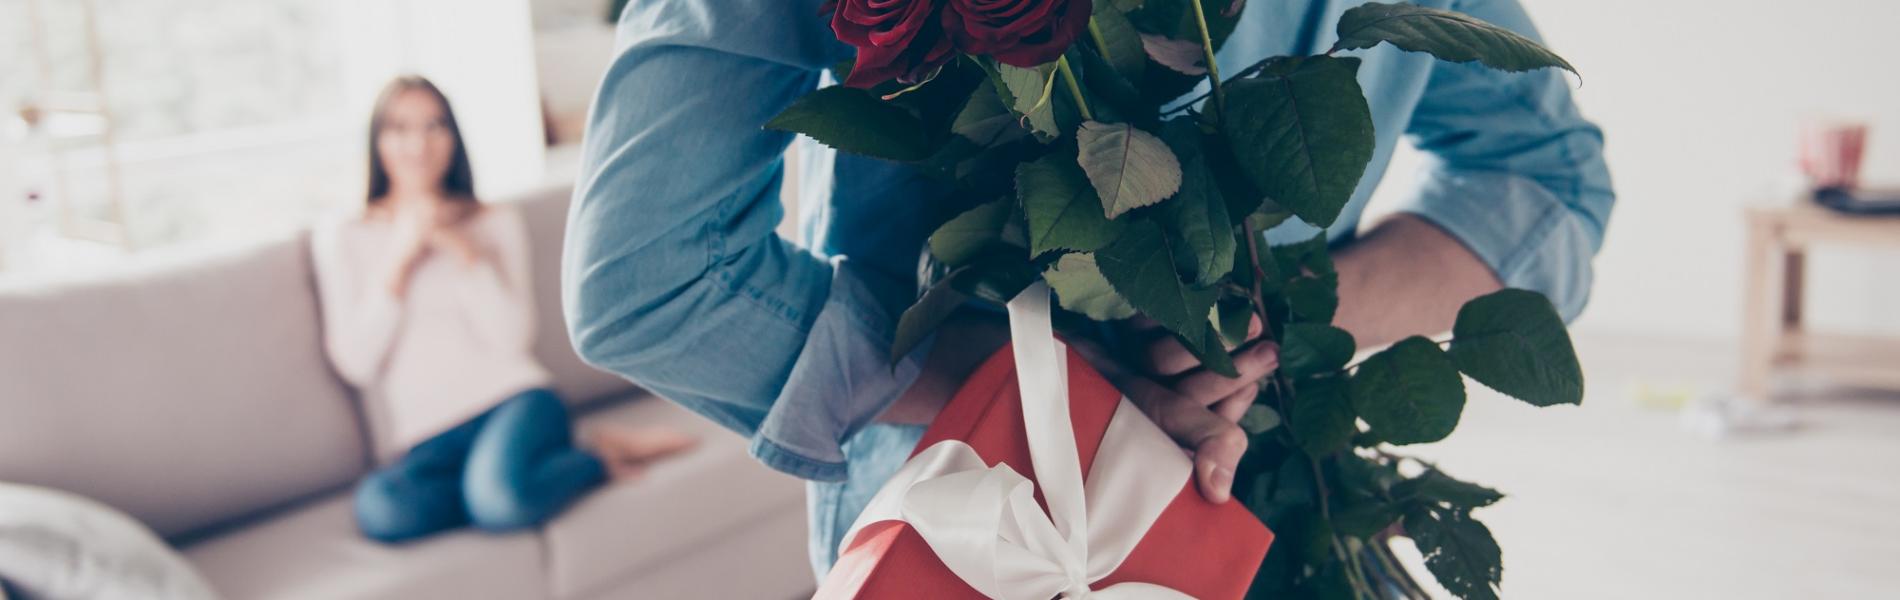 7 דברים שרציתי להגיד לך לקראת חג האהבה